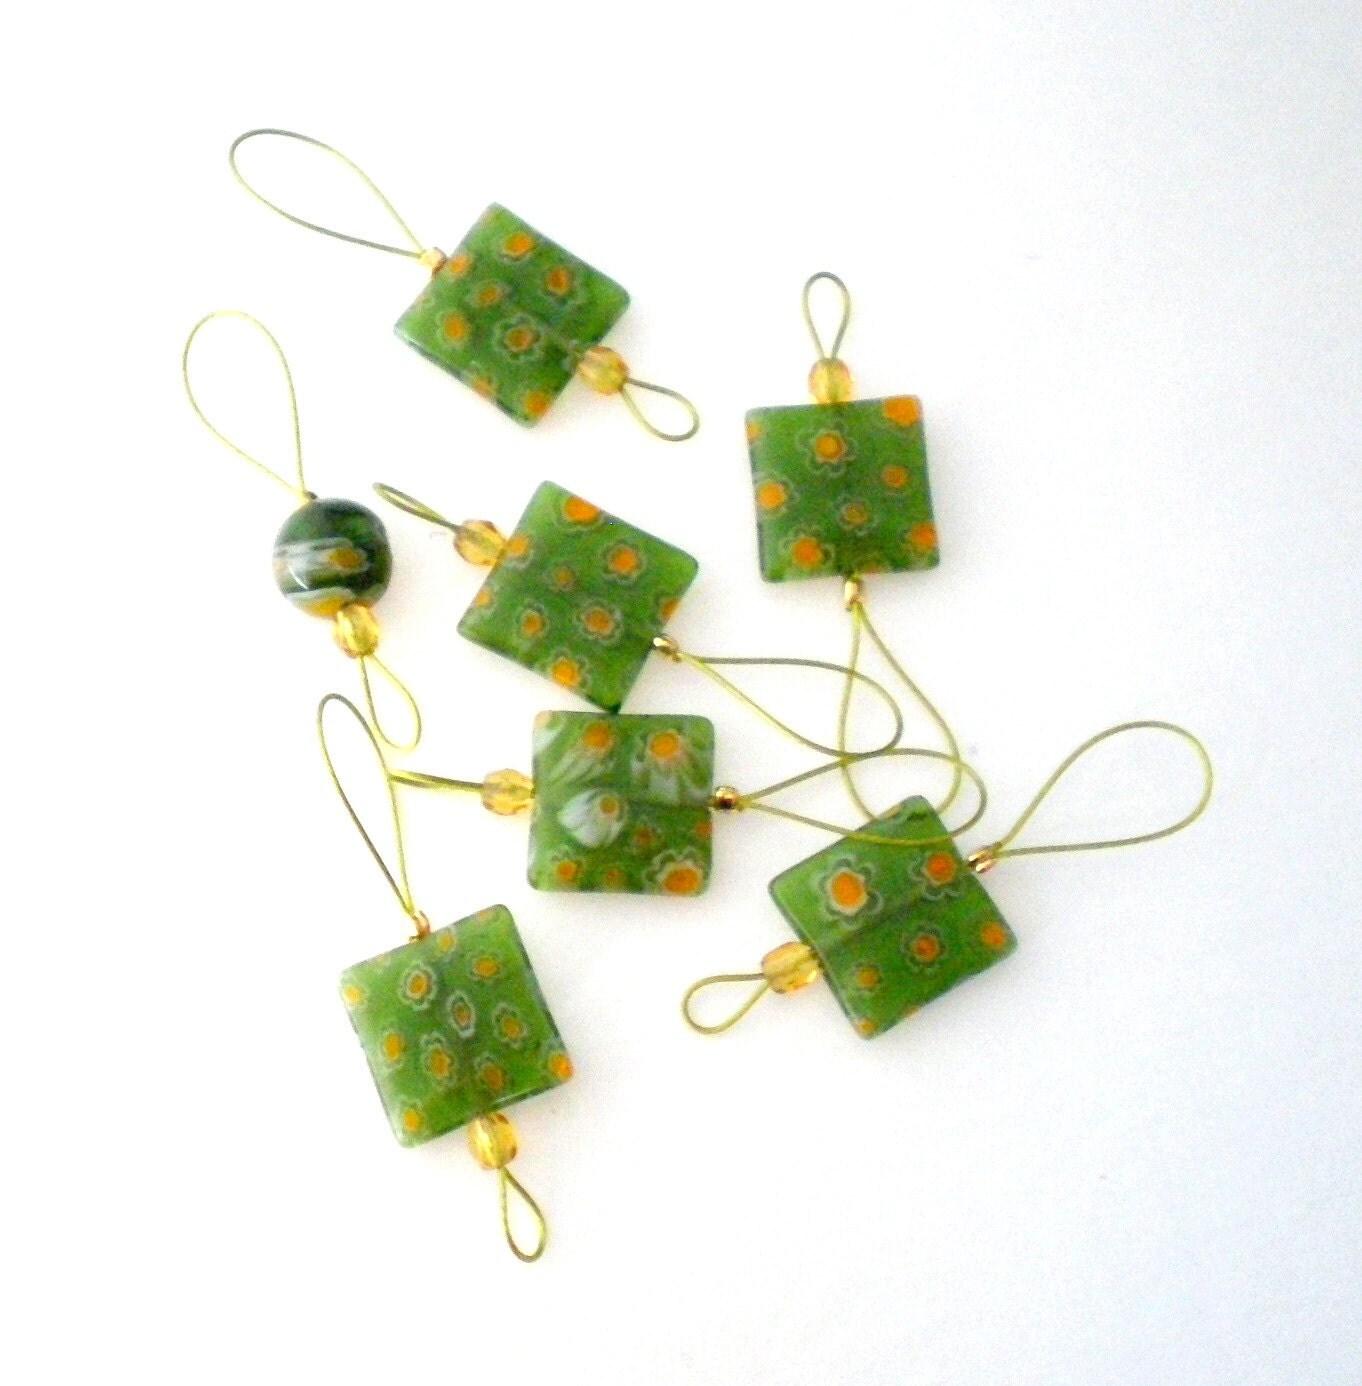 Knitting Stitch Markers Set of 7 Handmade Bead Knitting